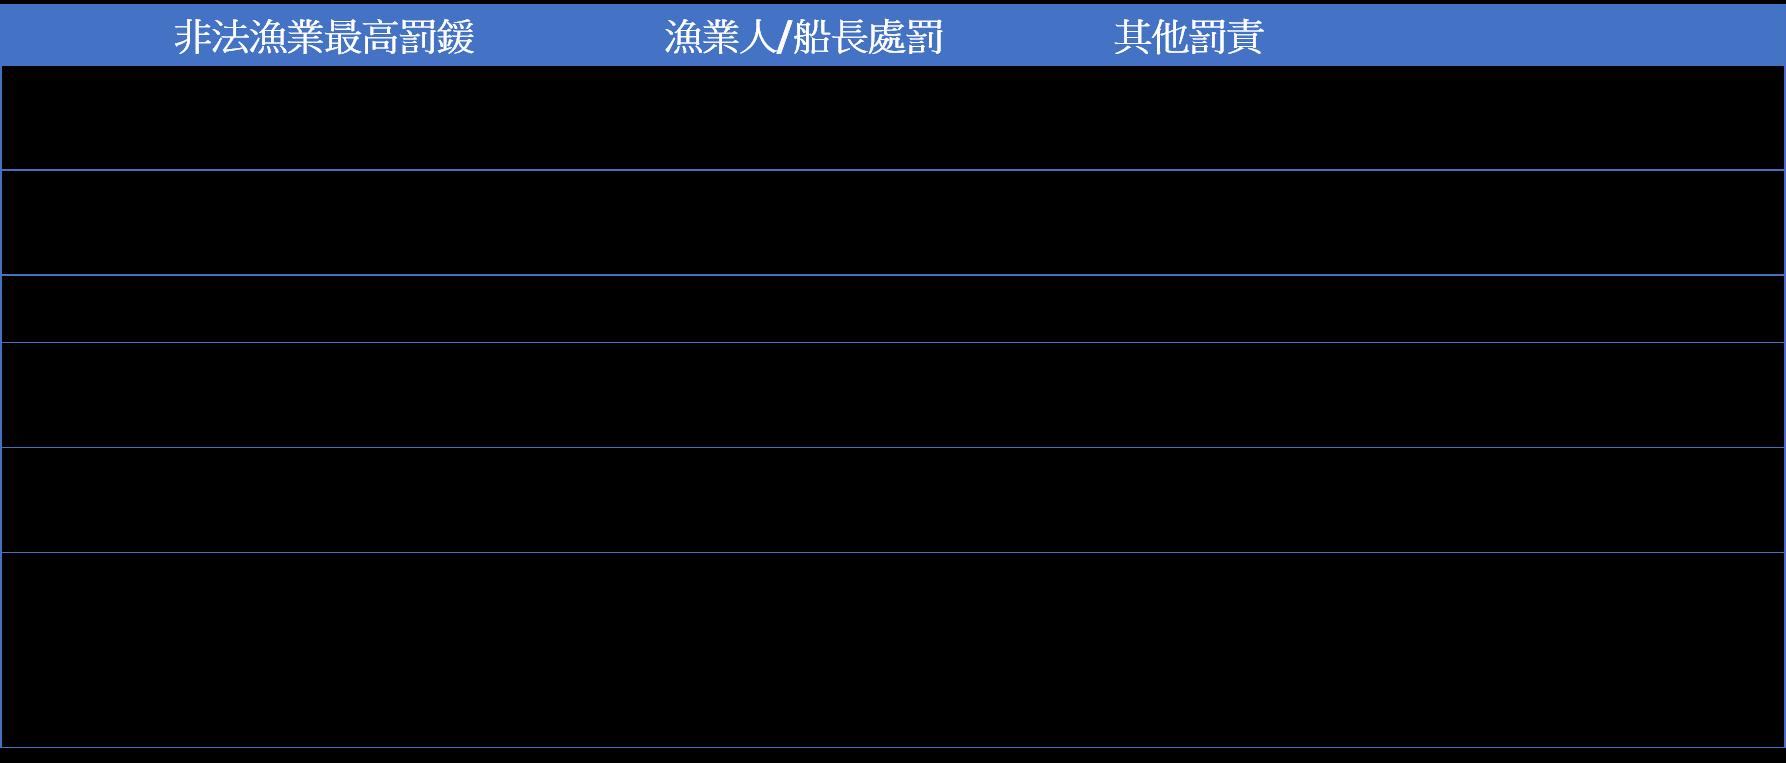 各國非法漁業罰鍰比較表。台灣綠色和平組織提供。